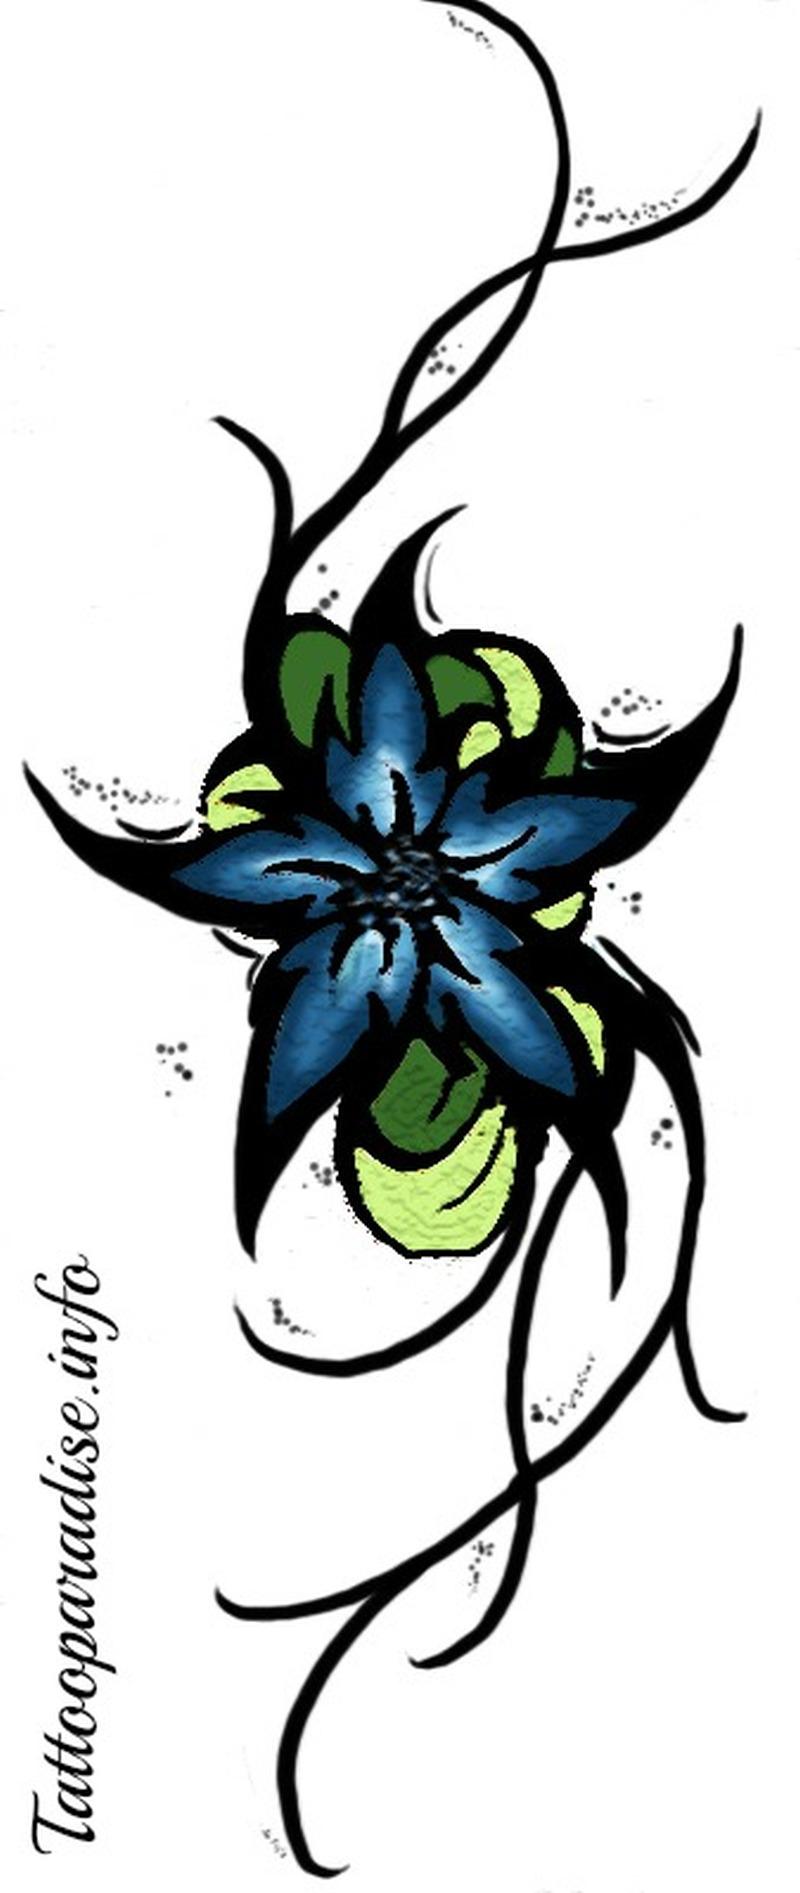 Blue flower tattoo stencil tattoos book 65000 tattoos designs blue flower tattoo stencil izmirmasajfo